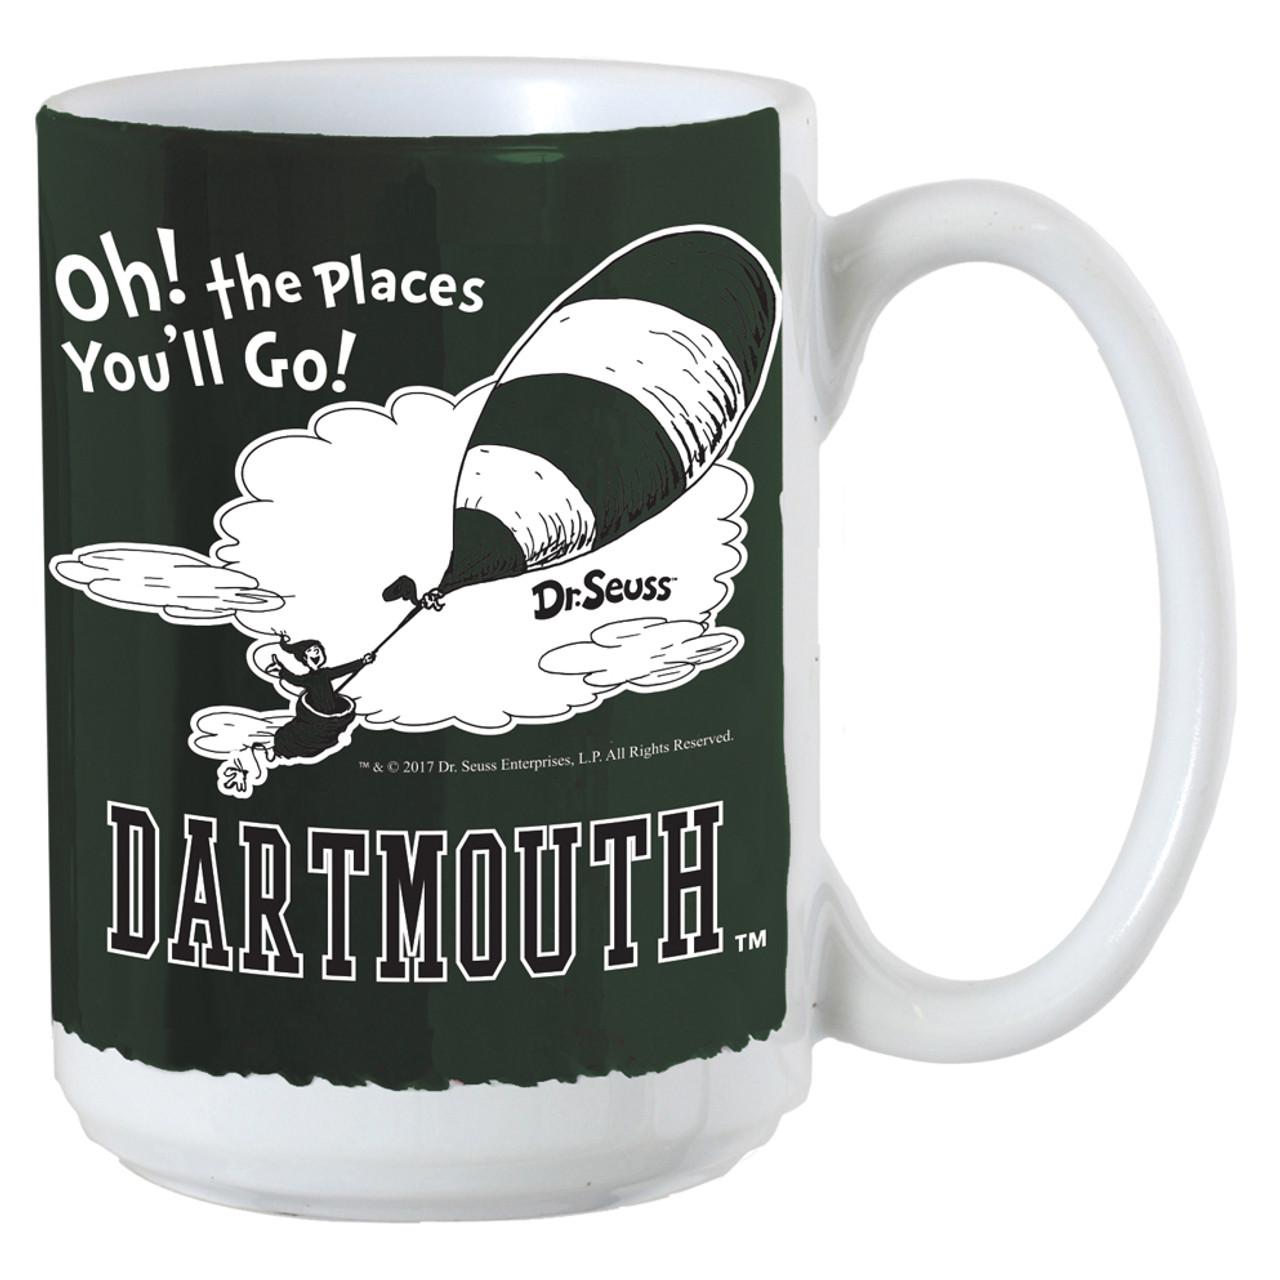 Dartmouth Dr Seuss Mug